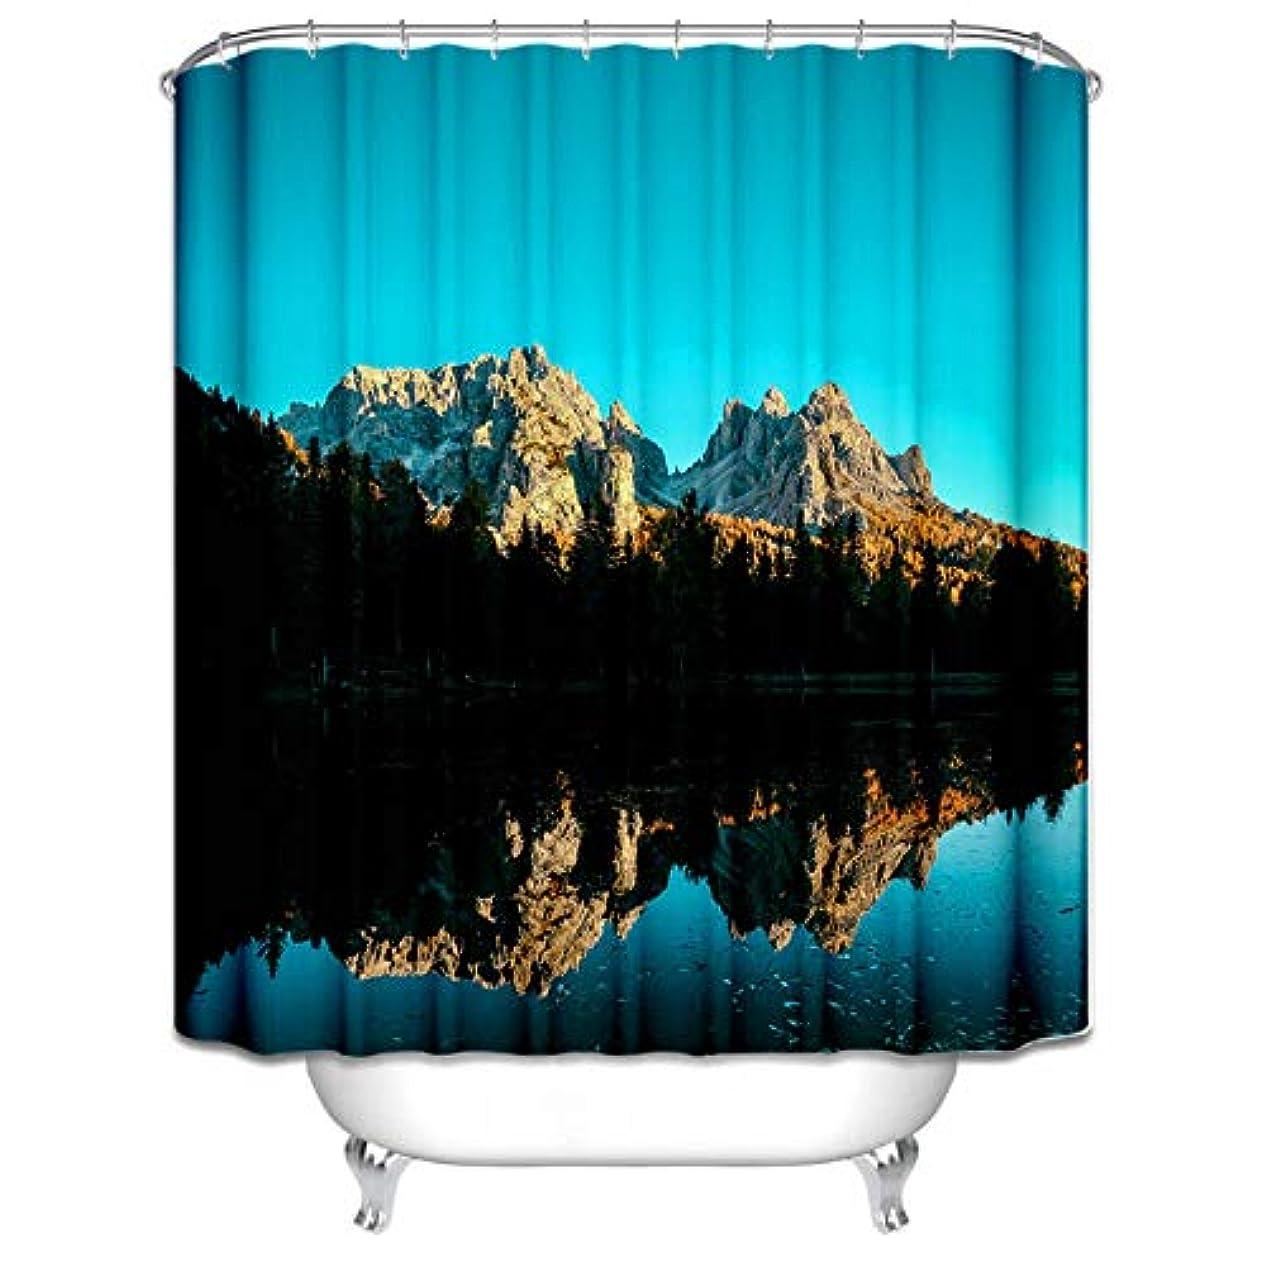 まっすぐにする時系列挽くSMART 英国アート薄型リネン枕エレガントな女性画クッション装飾枕家の装飾ソファスロー枕 45*45 Almofadas クッション 椅子